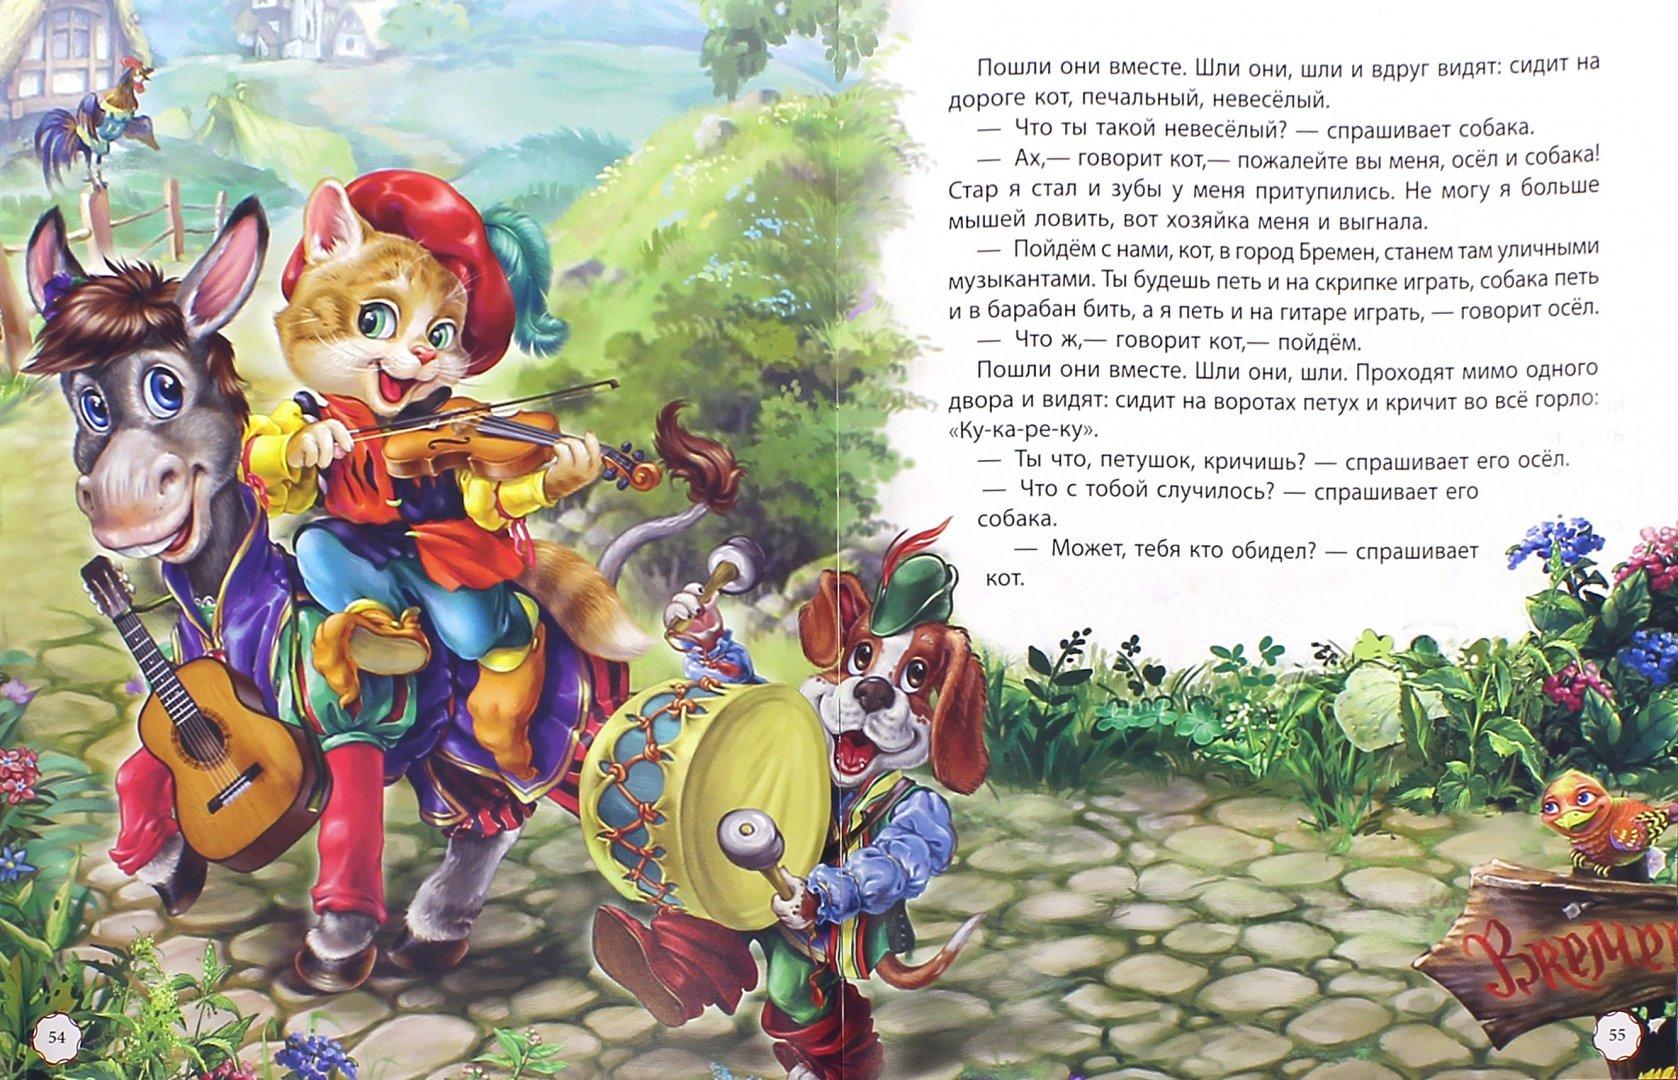 Иллюстрация 1 из 2 для Любимые сказки | Лабиринт - книги. Источник: Лабиринт